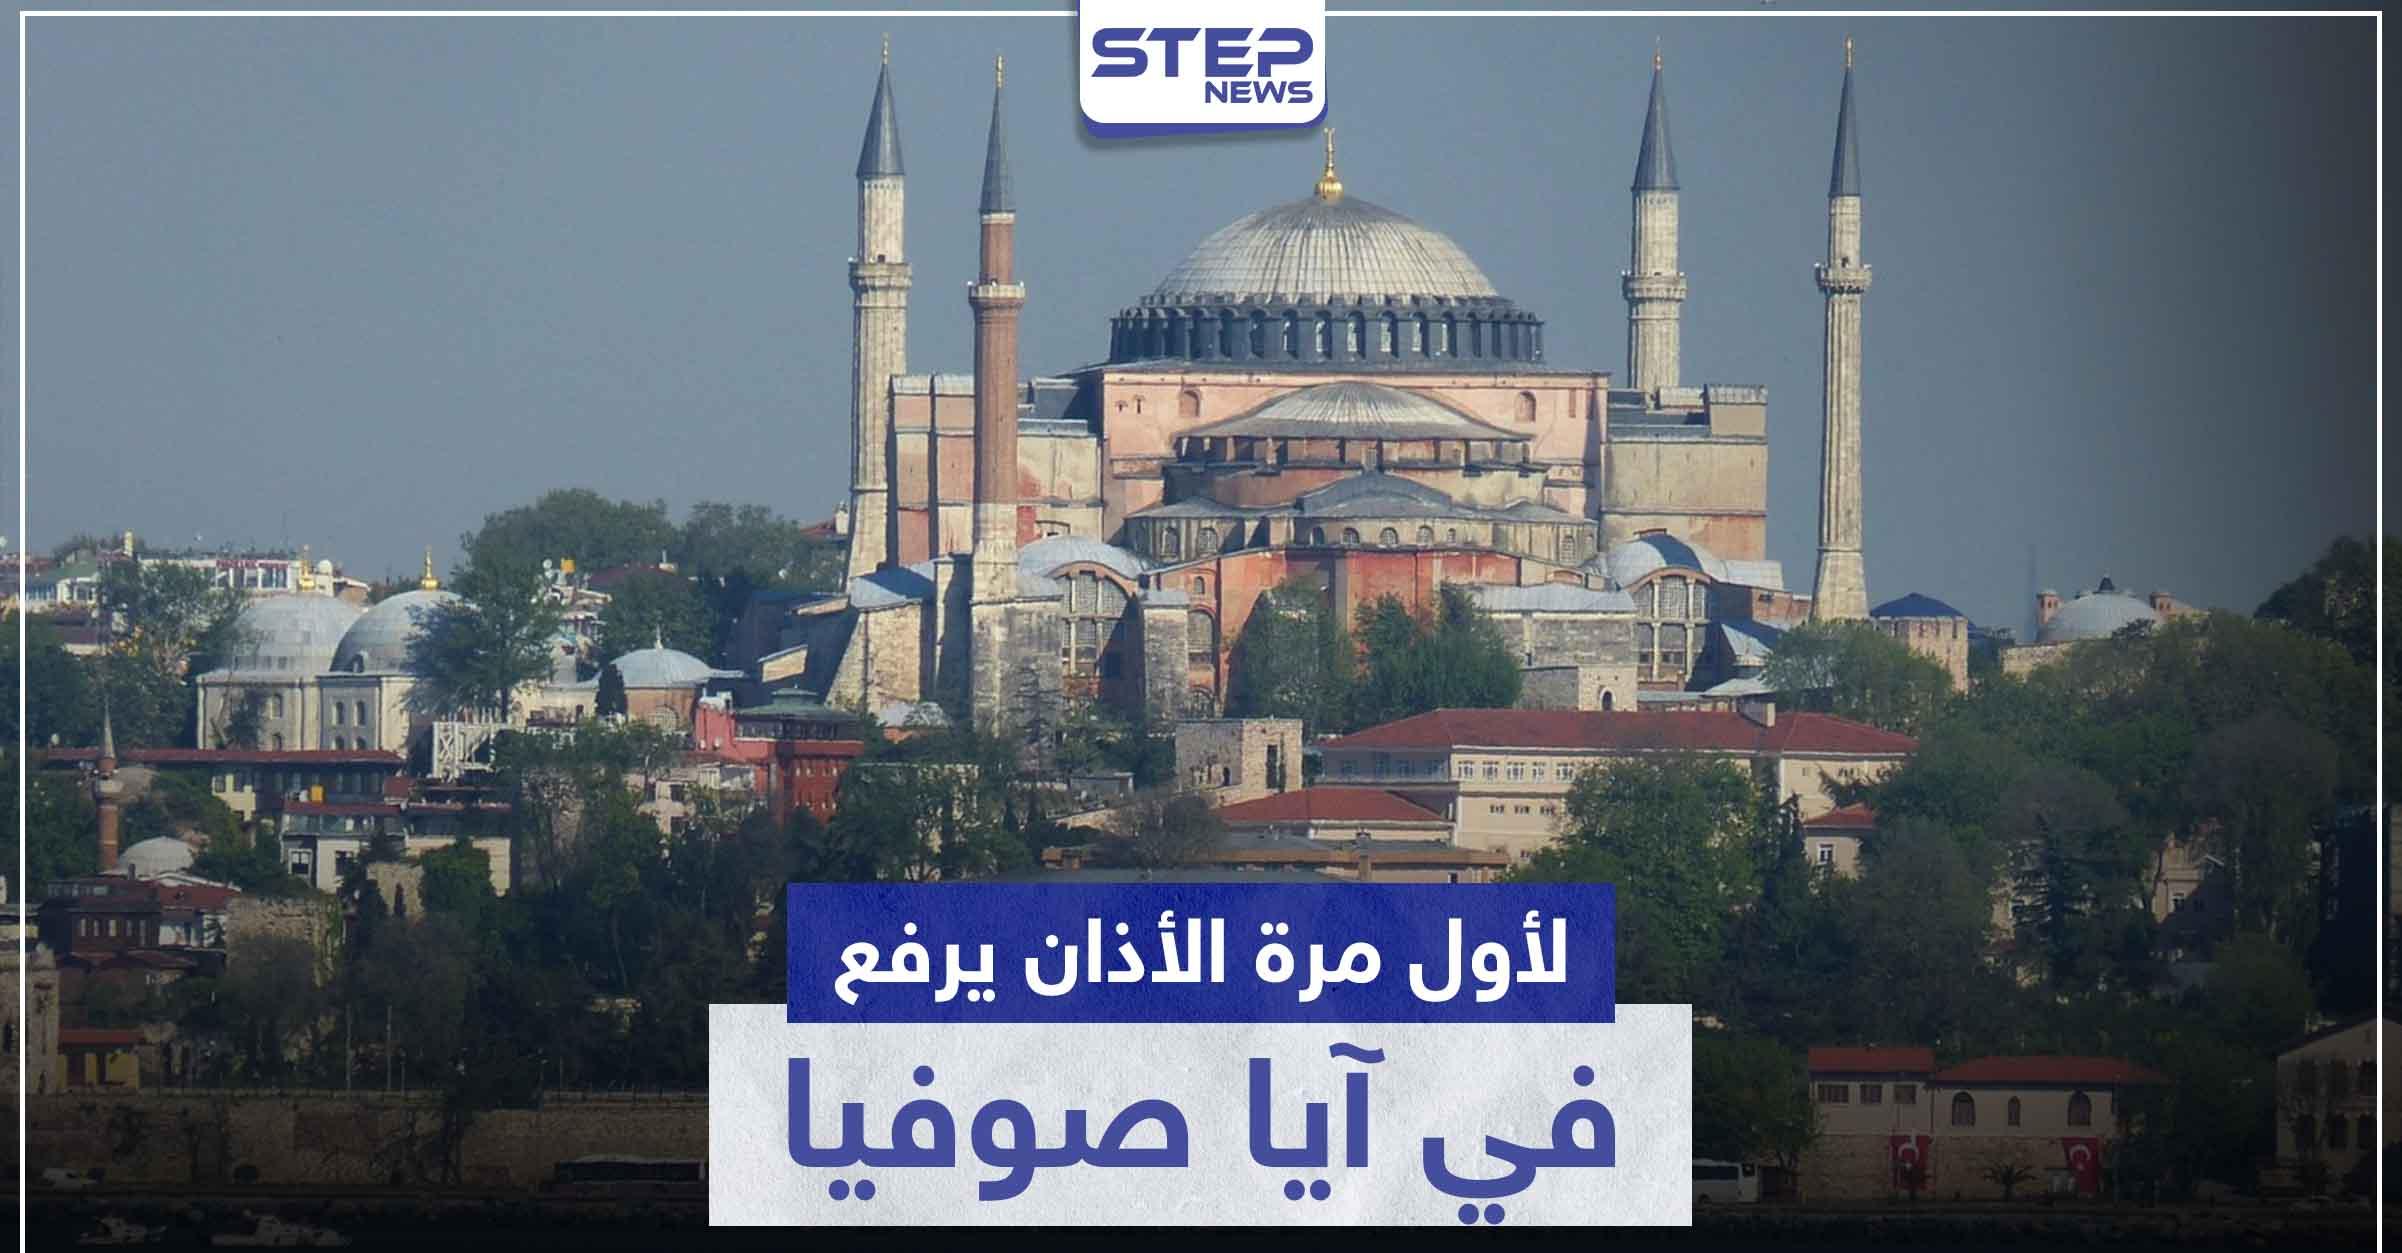 بالفيديو|| أول آذان من آيا صوفيا بعد قرار أردوغان بتحويله من متحف الى مسجد